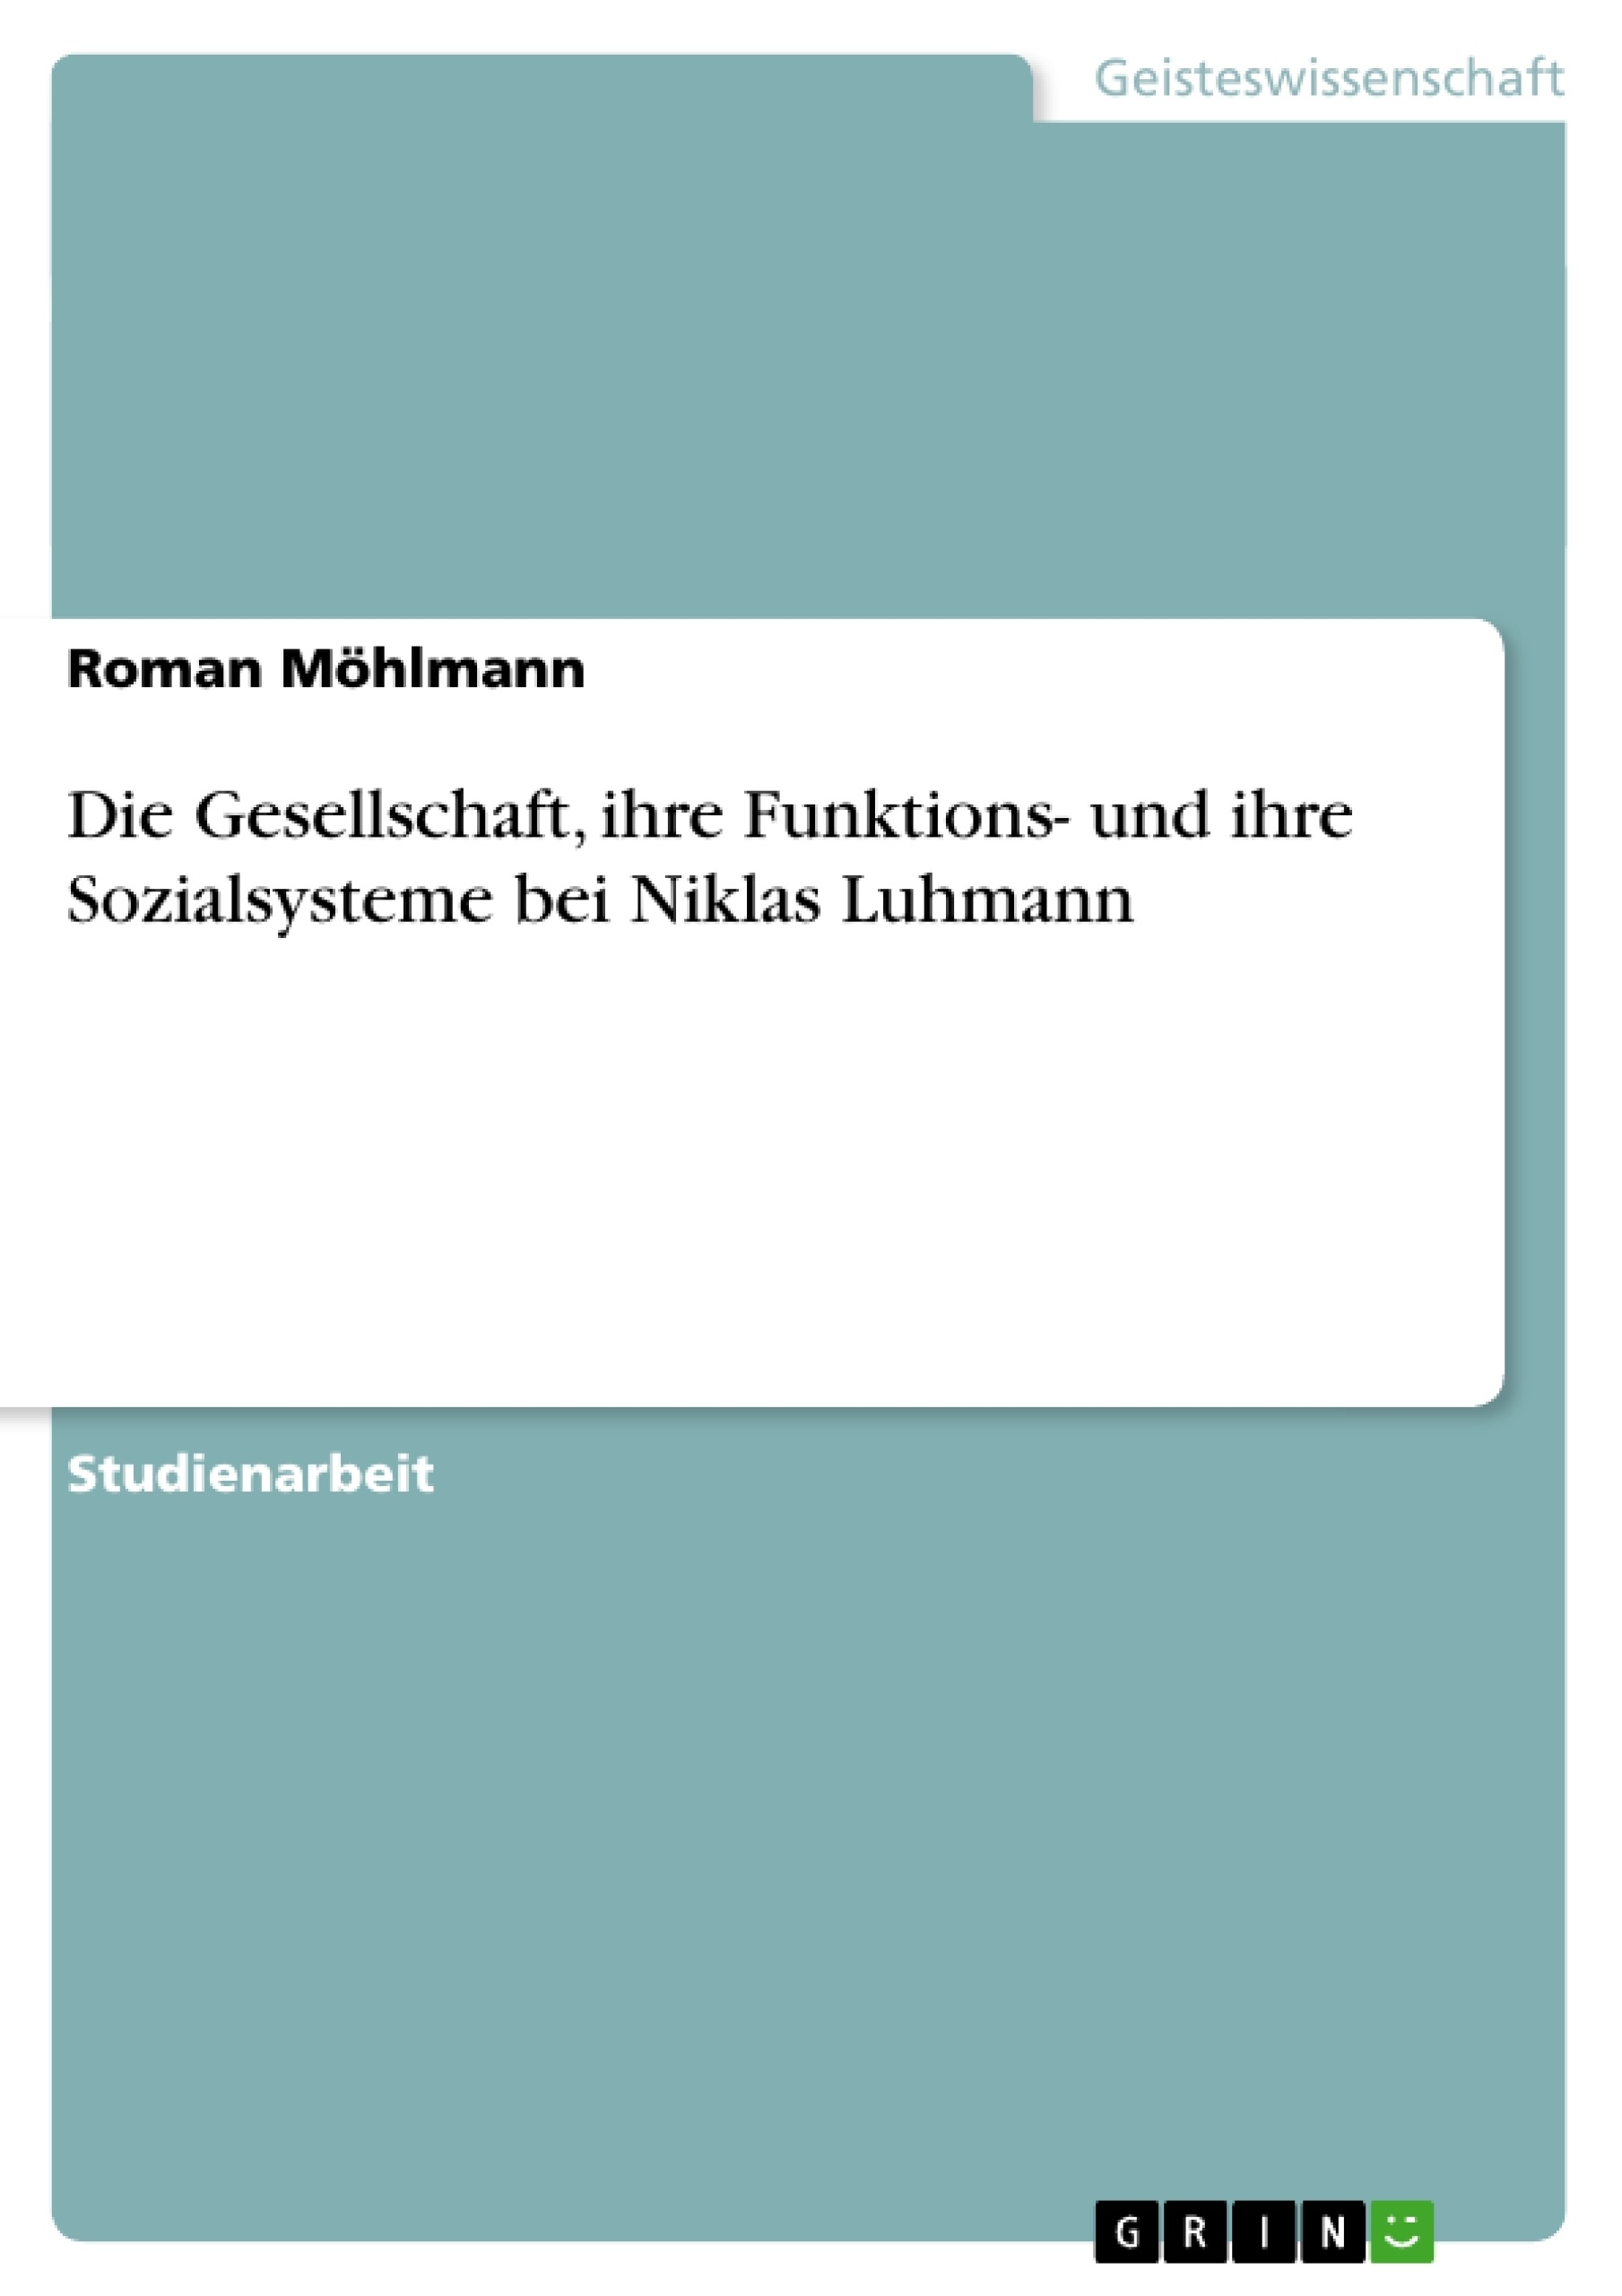 Titel: Die Gesellschaft, ihre Funktions- und ihre Sozialsysteme bei Niklas Luhmann